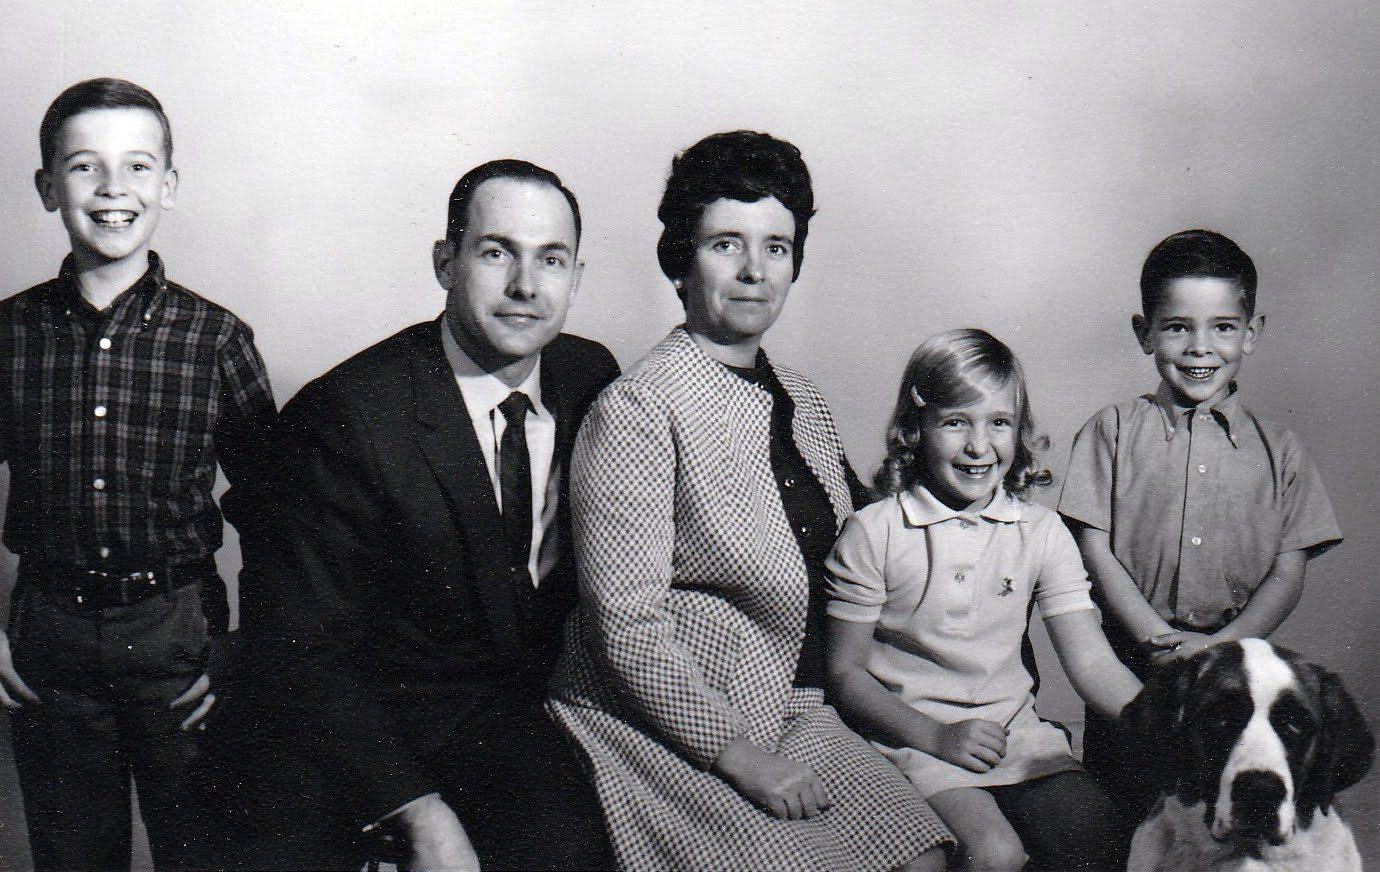 DonAllen-John-BeulahLee-Cindy-DavidLewellyn-Jones